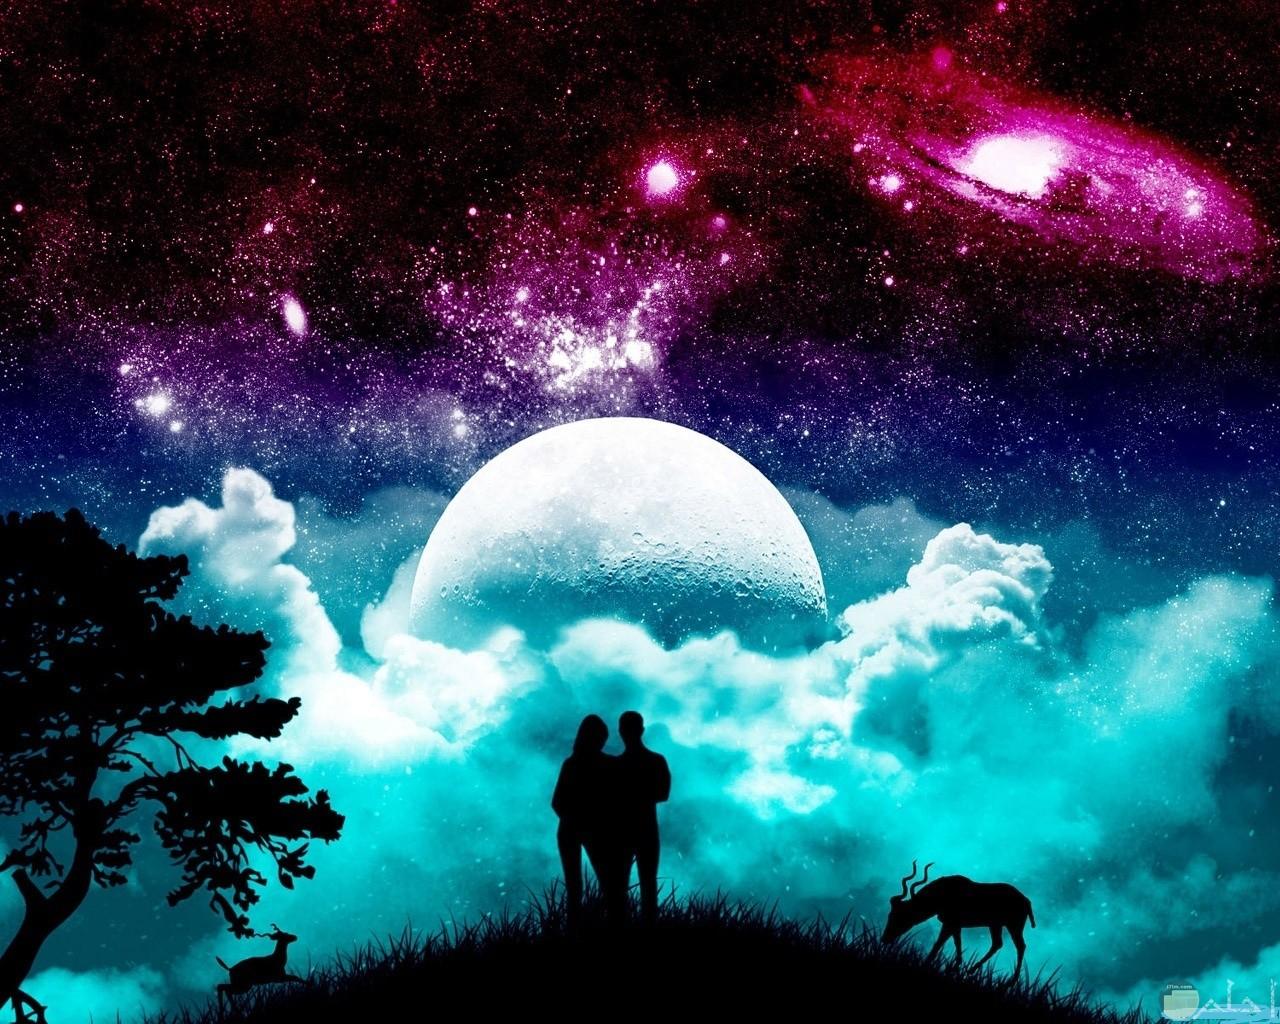 الخيال الرومانسي الجميل.